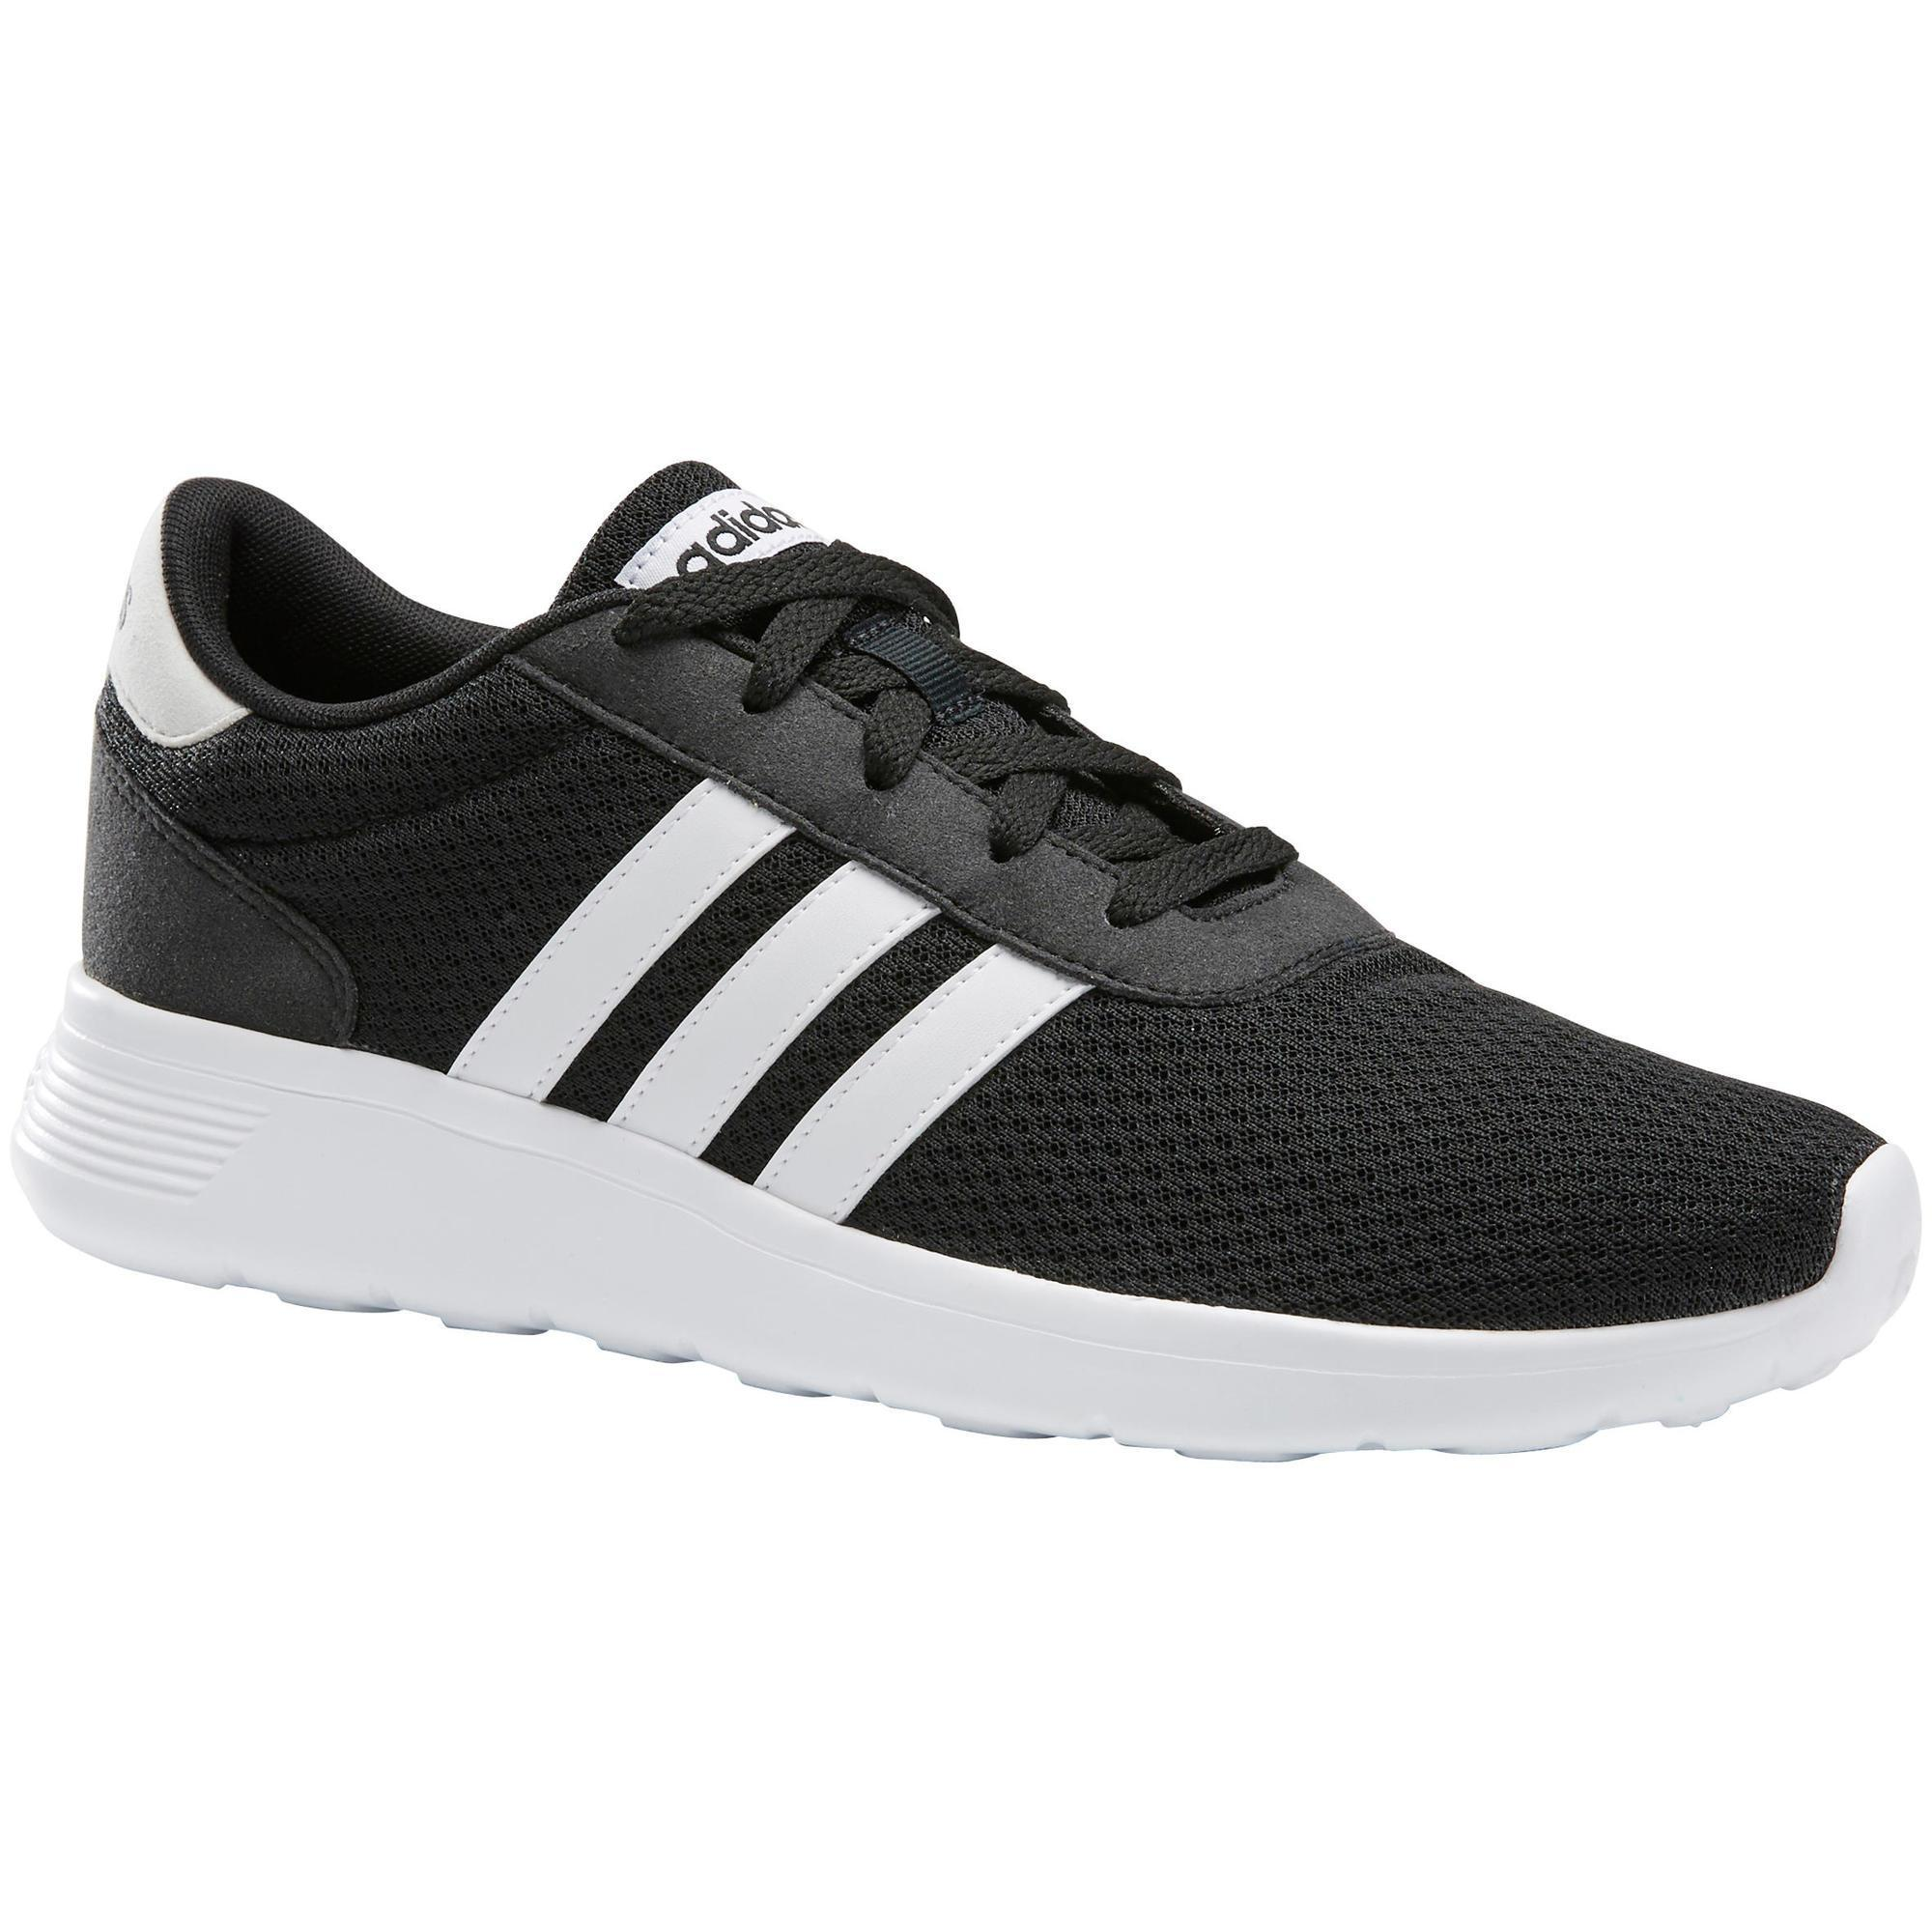 abf4cc87caf Comprar Zapatillas de Caminar para Hombre Online | Decathlon